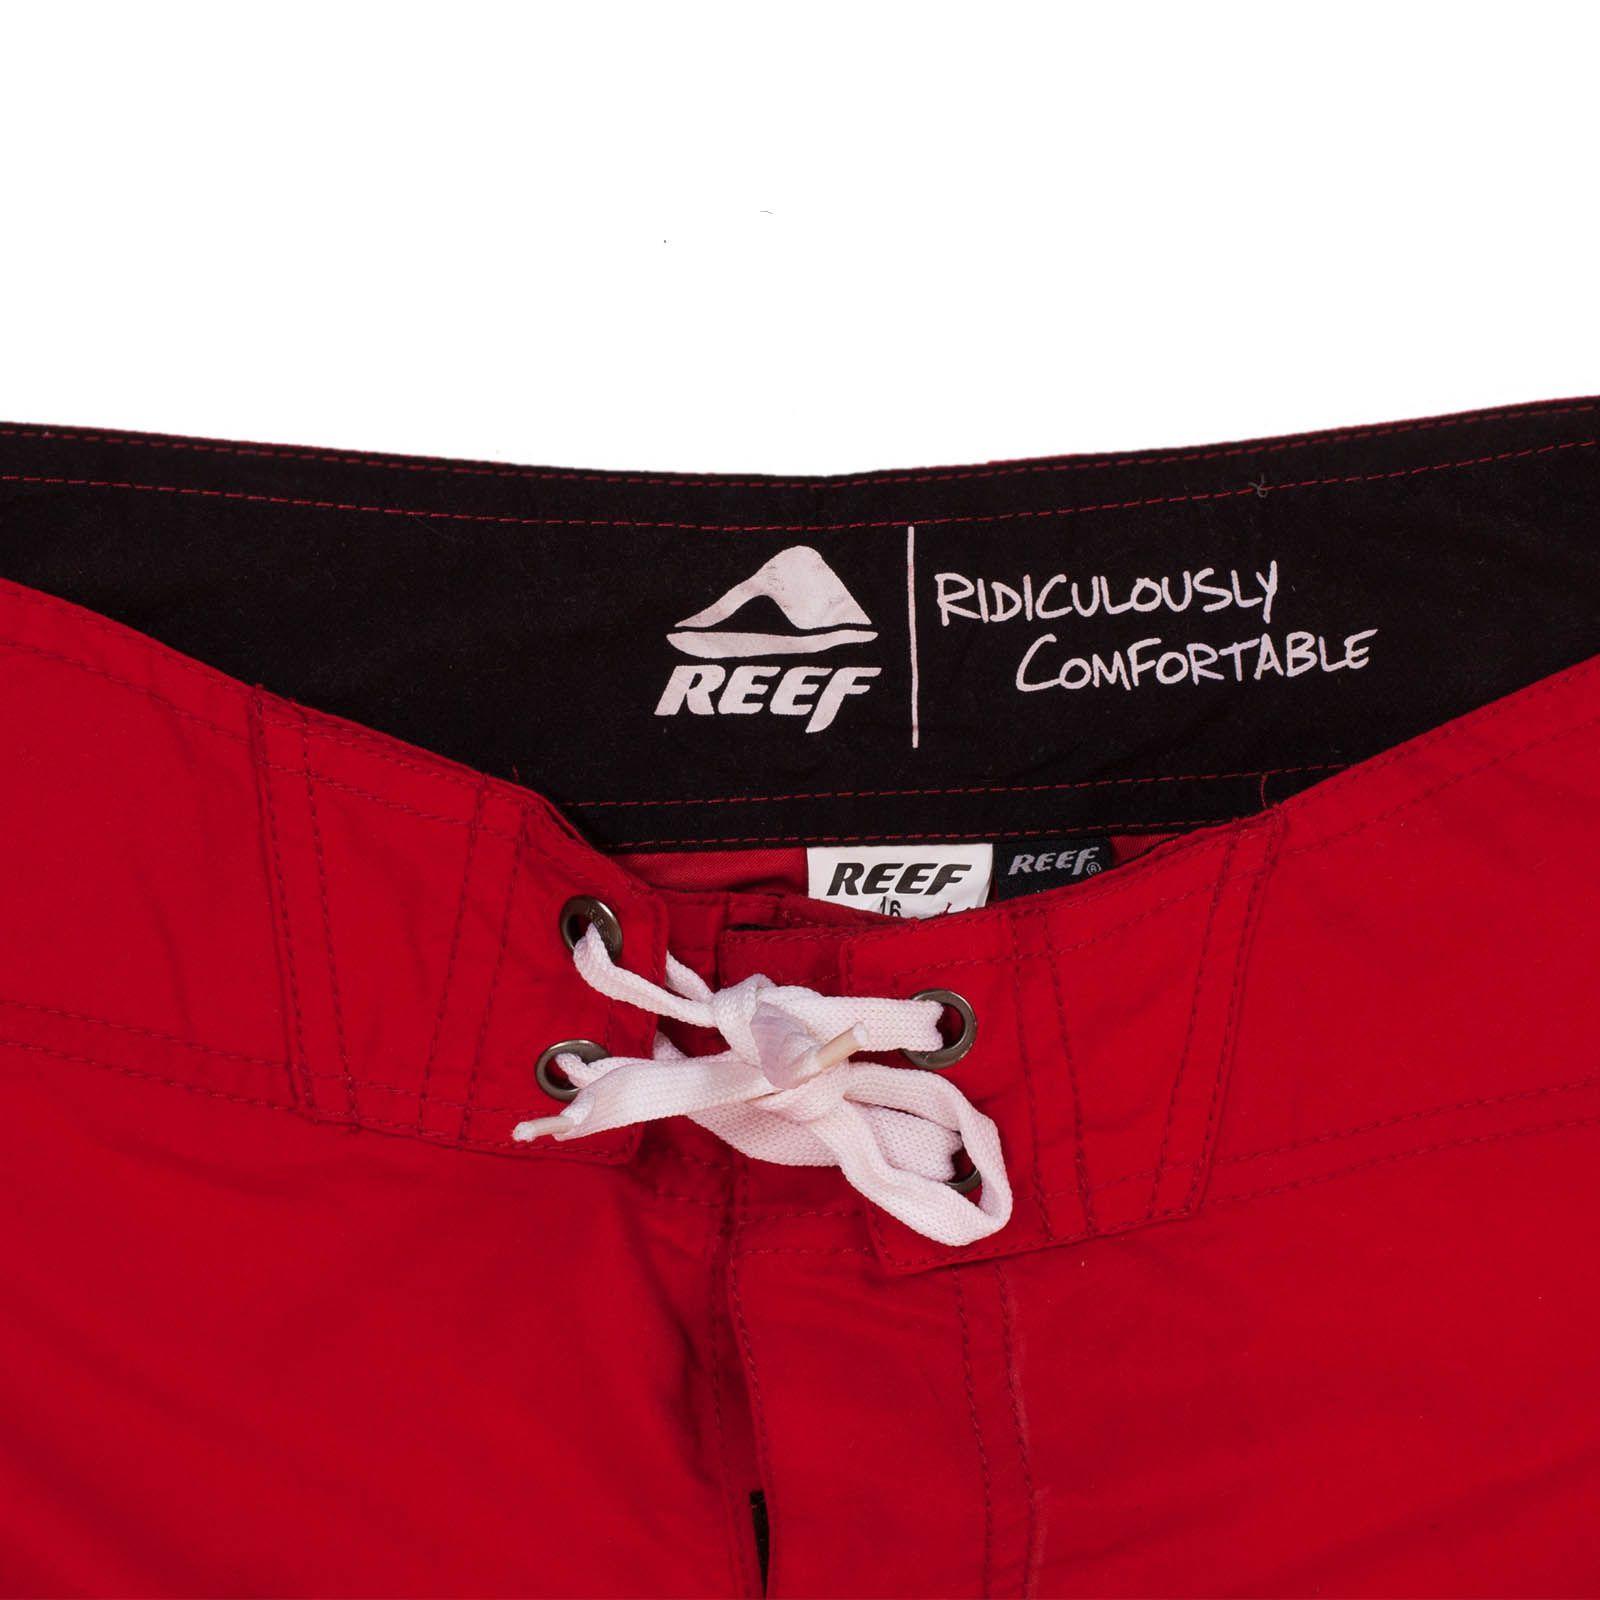 Стильные шорты Reef для подростков - ярлык